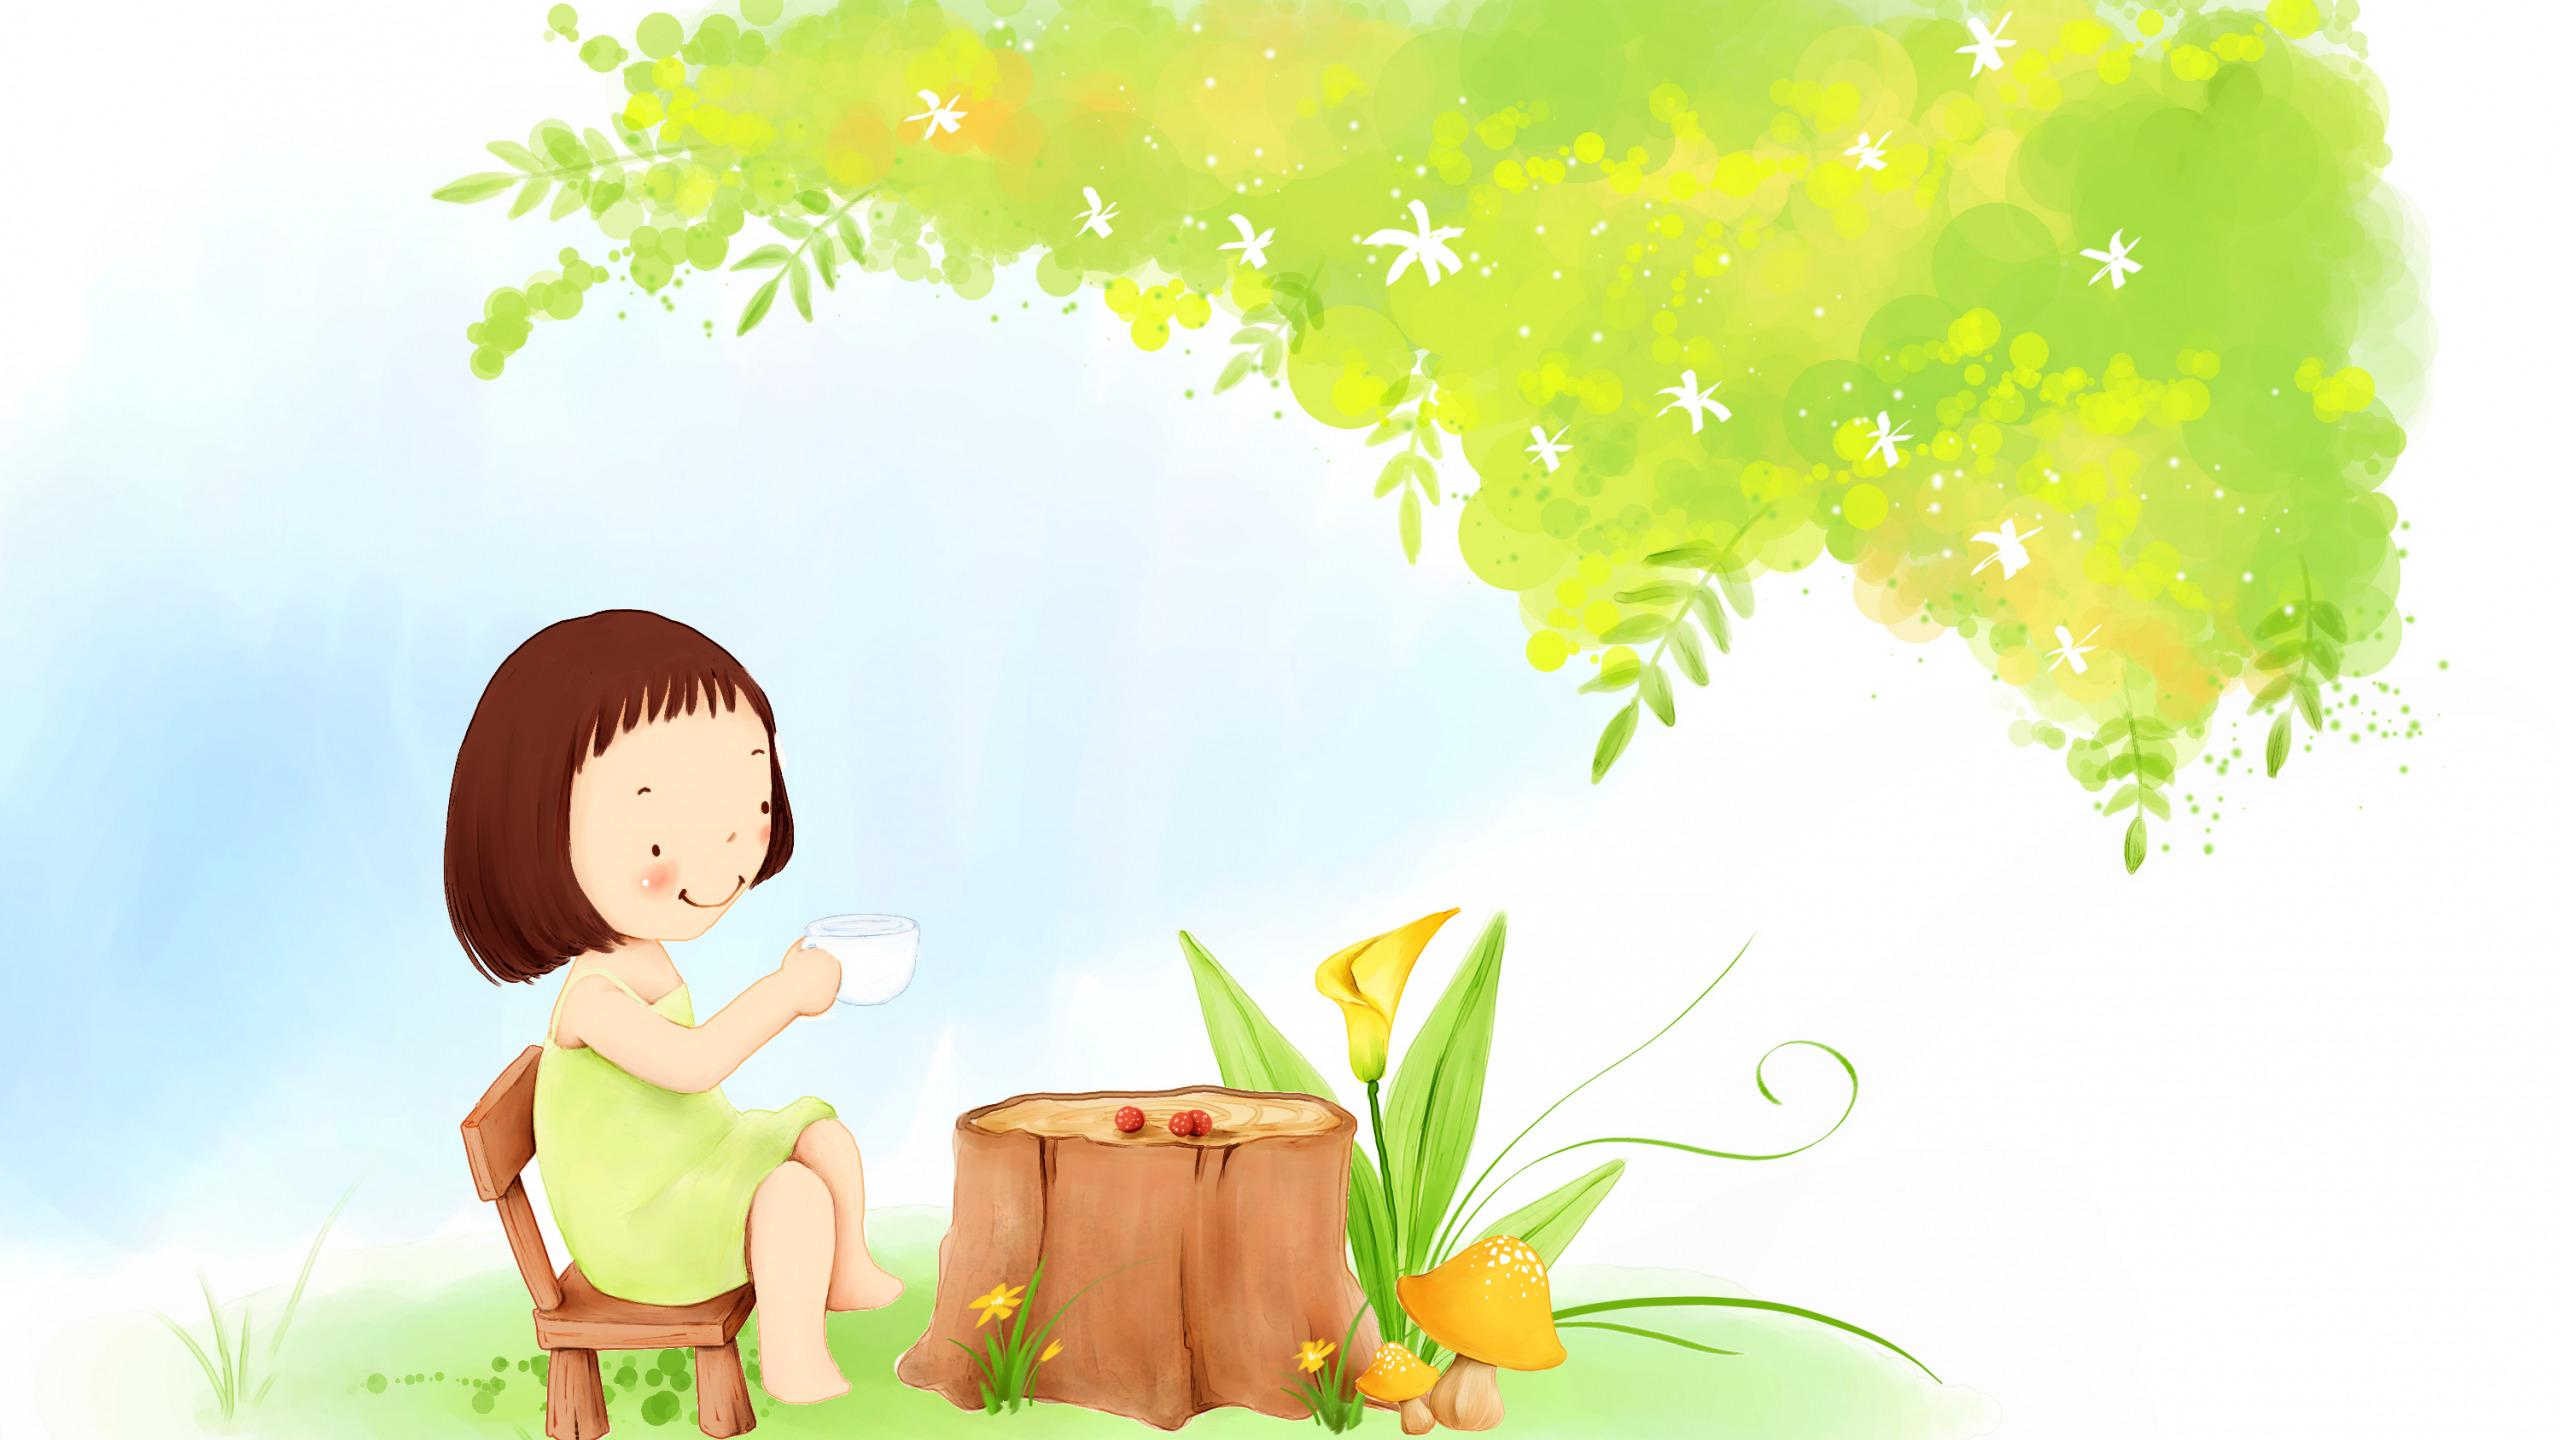 Свадьбой для, дети цветы жизни картинки карандашом